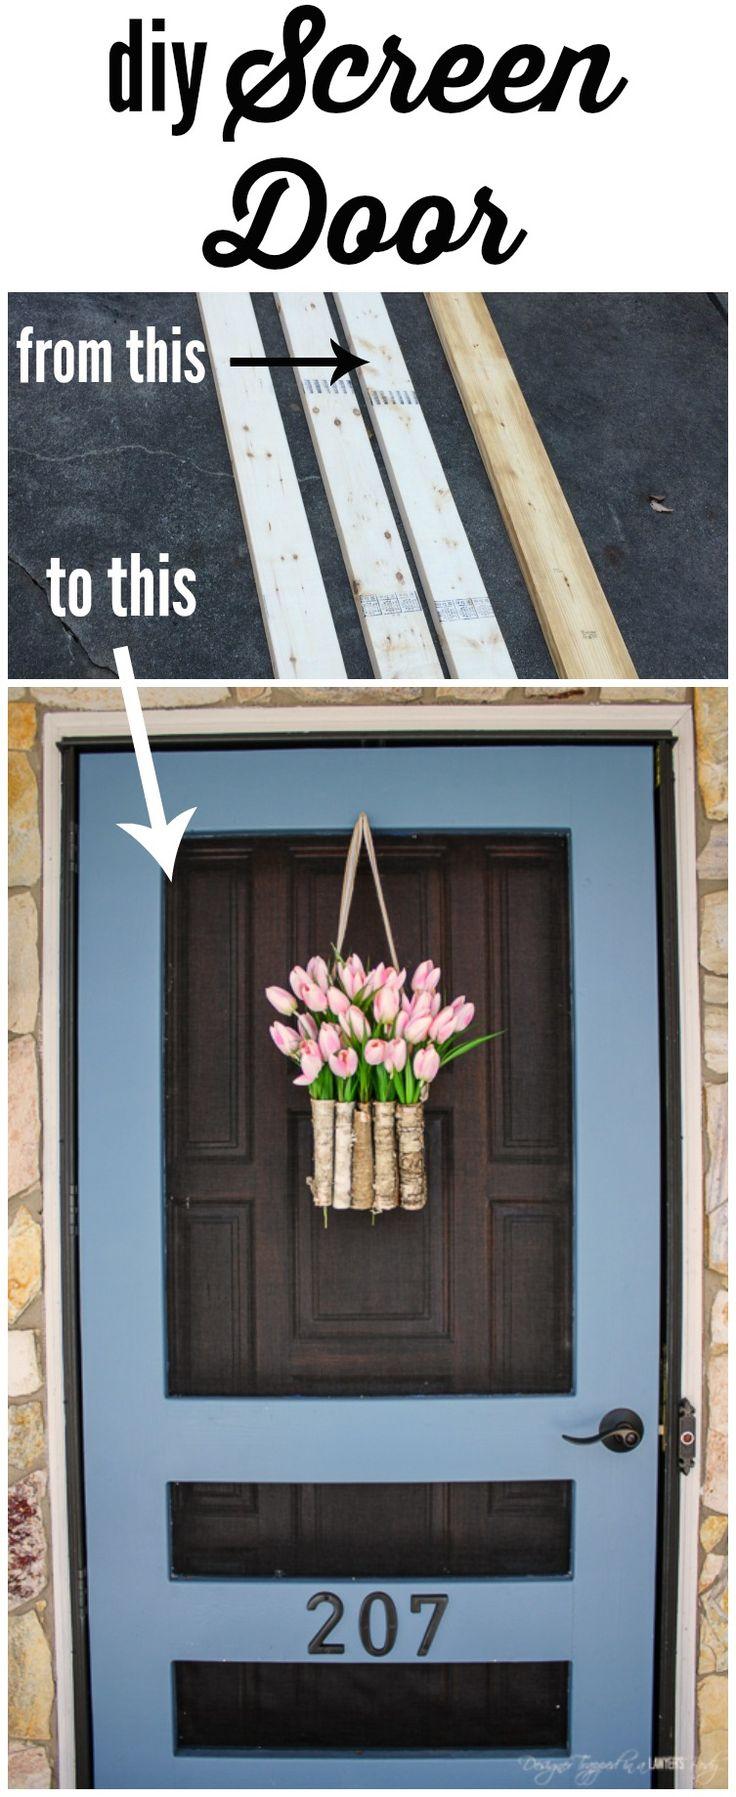 DIY screen door